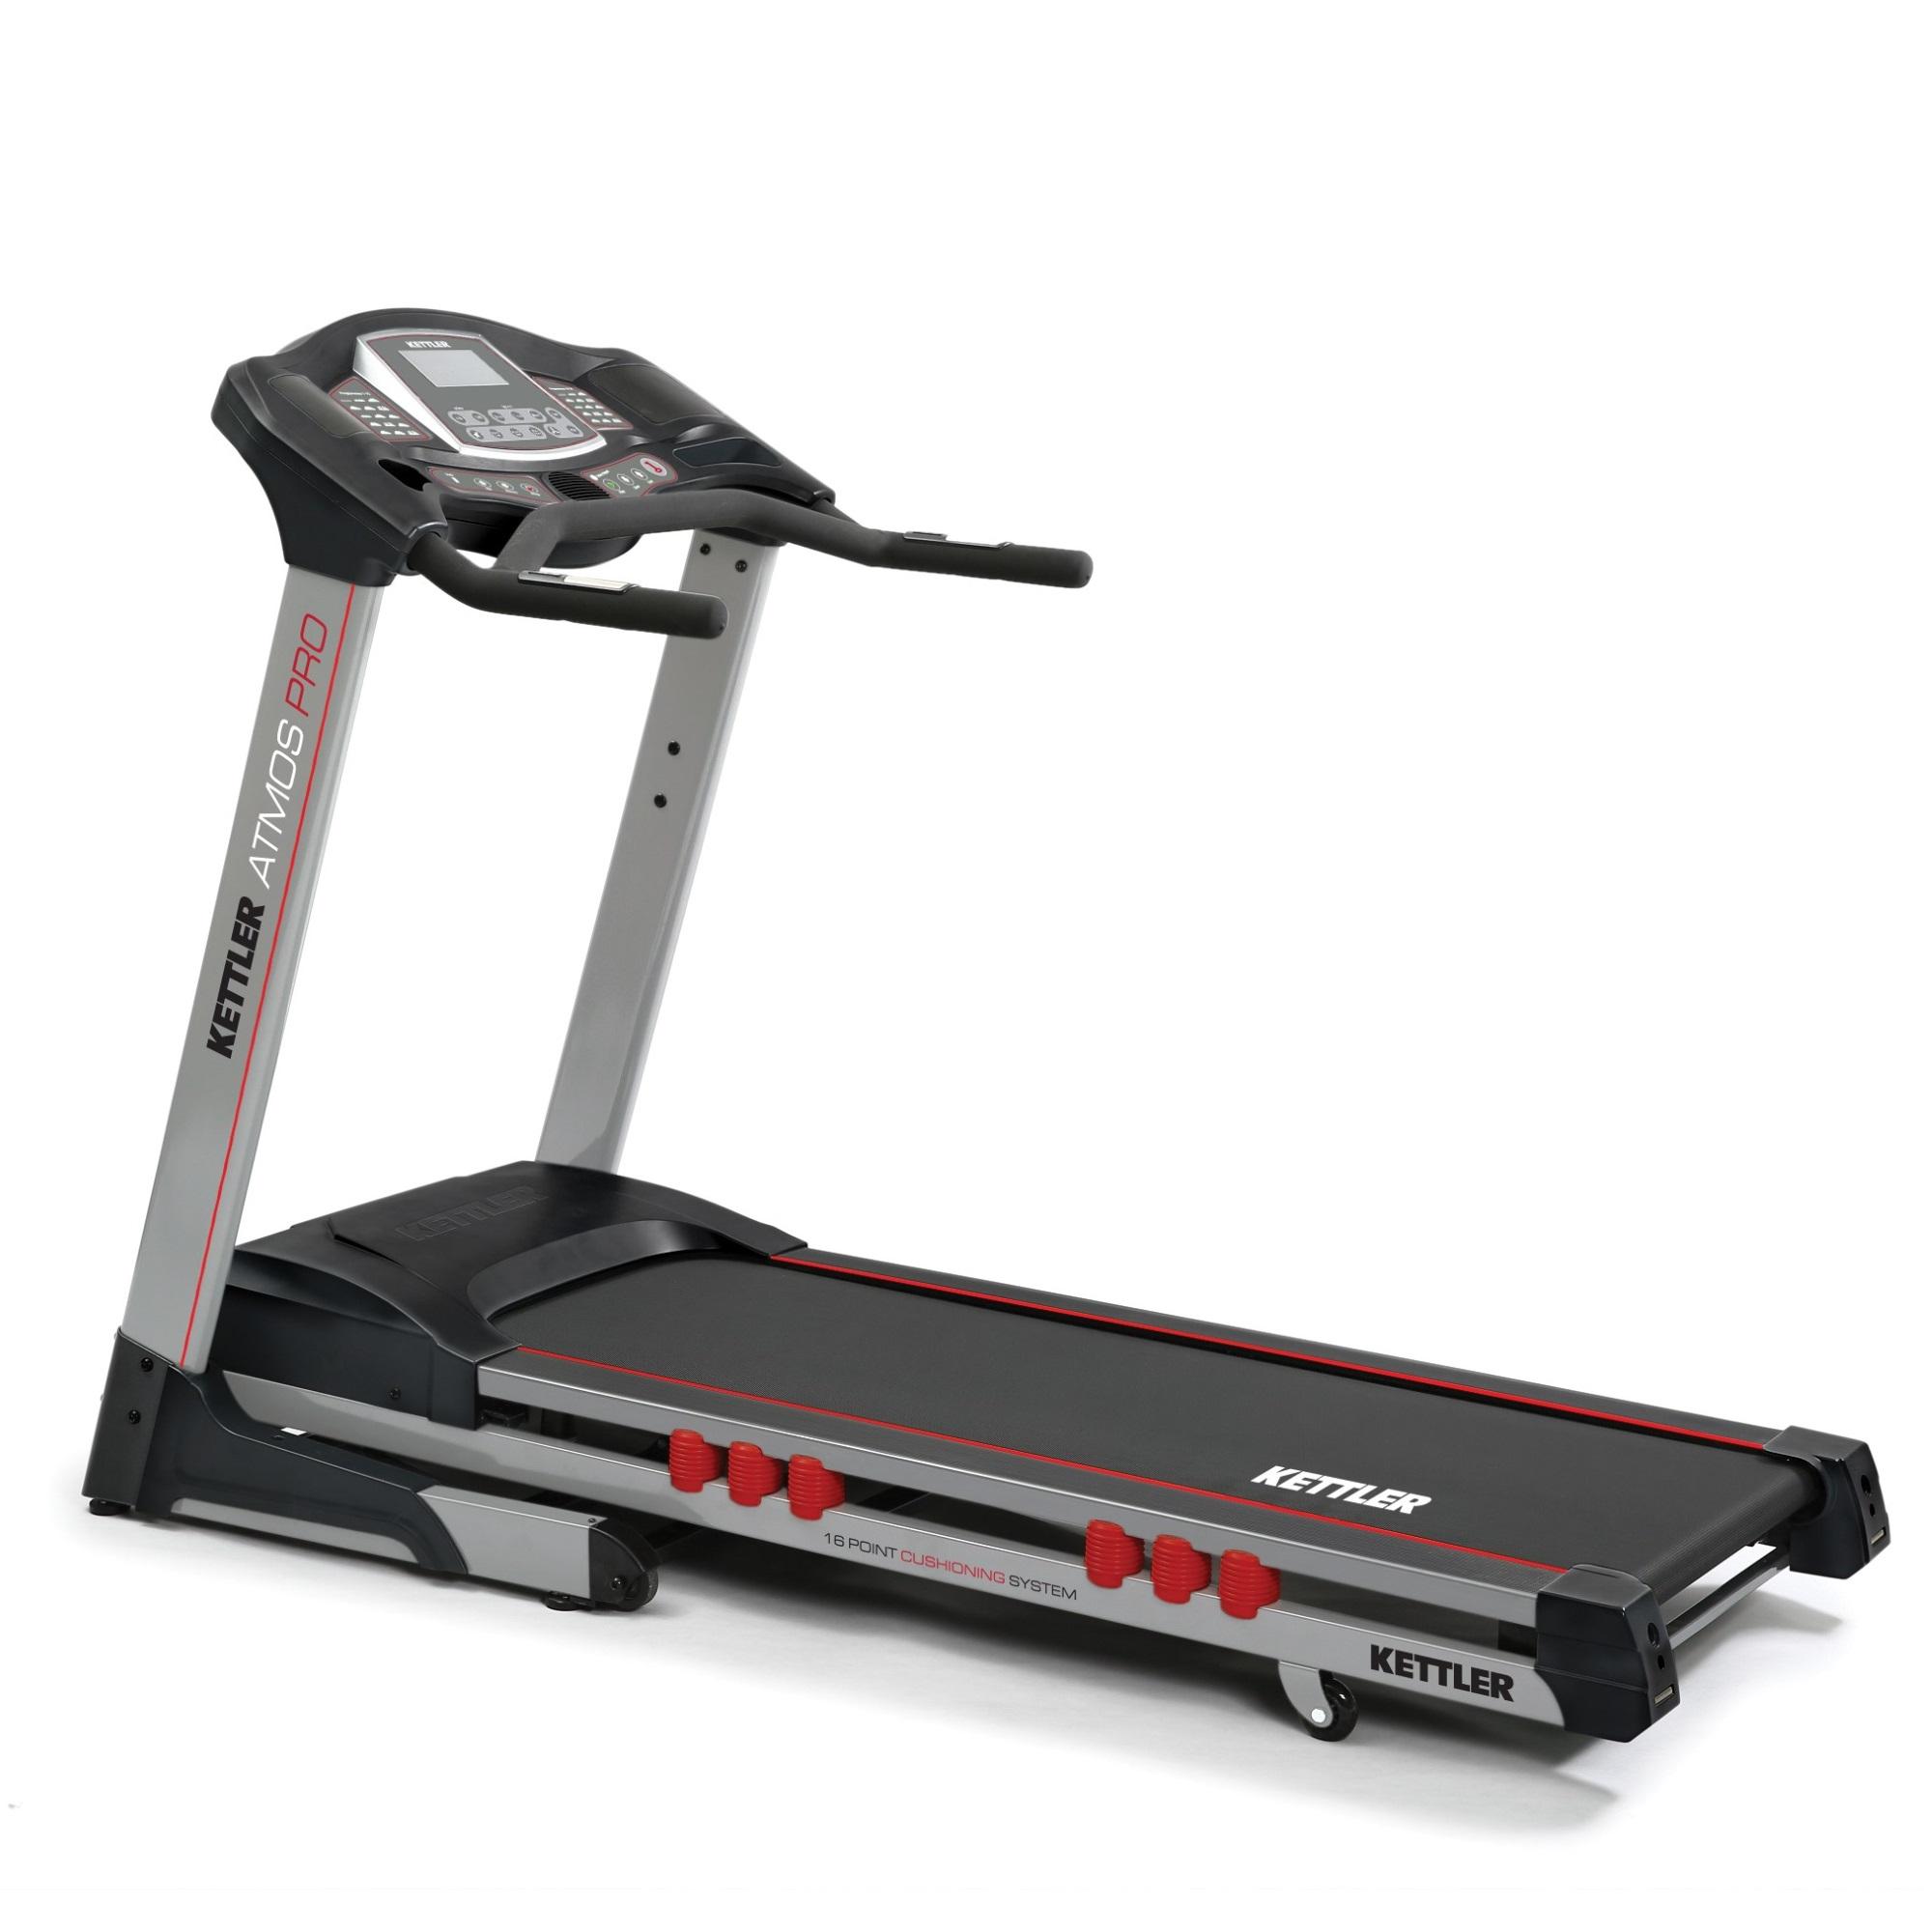 Kettler Atmos Pro Treadmill